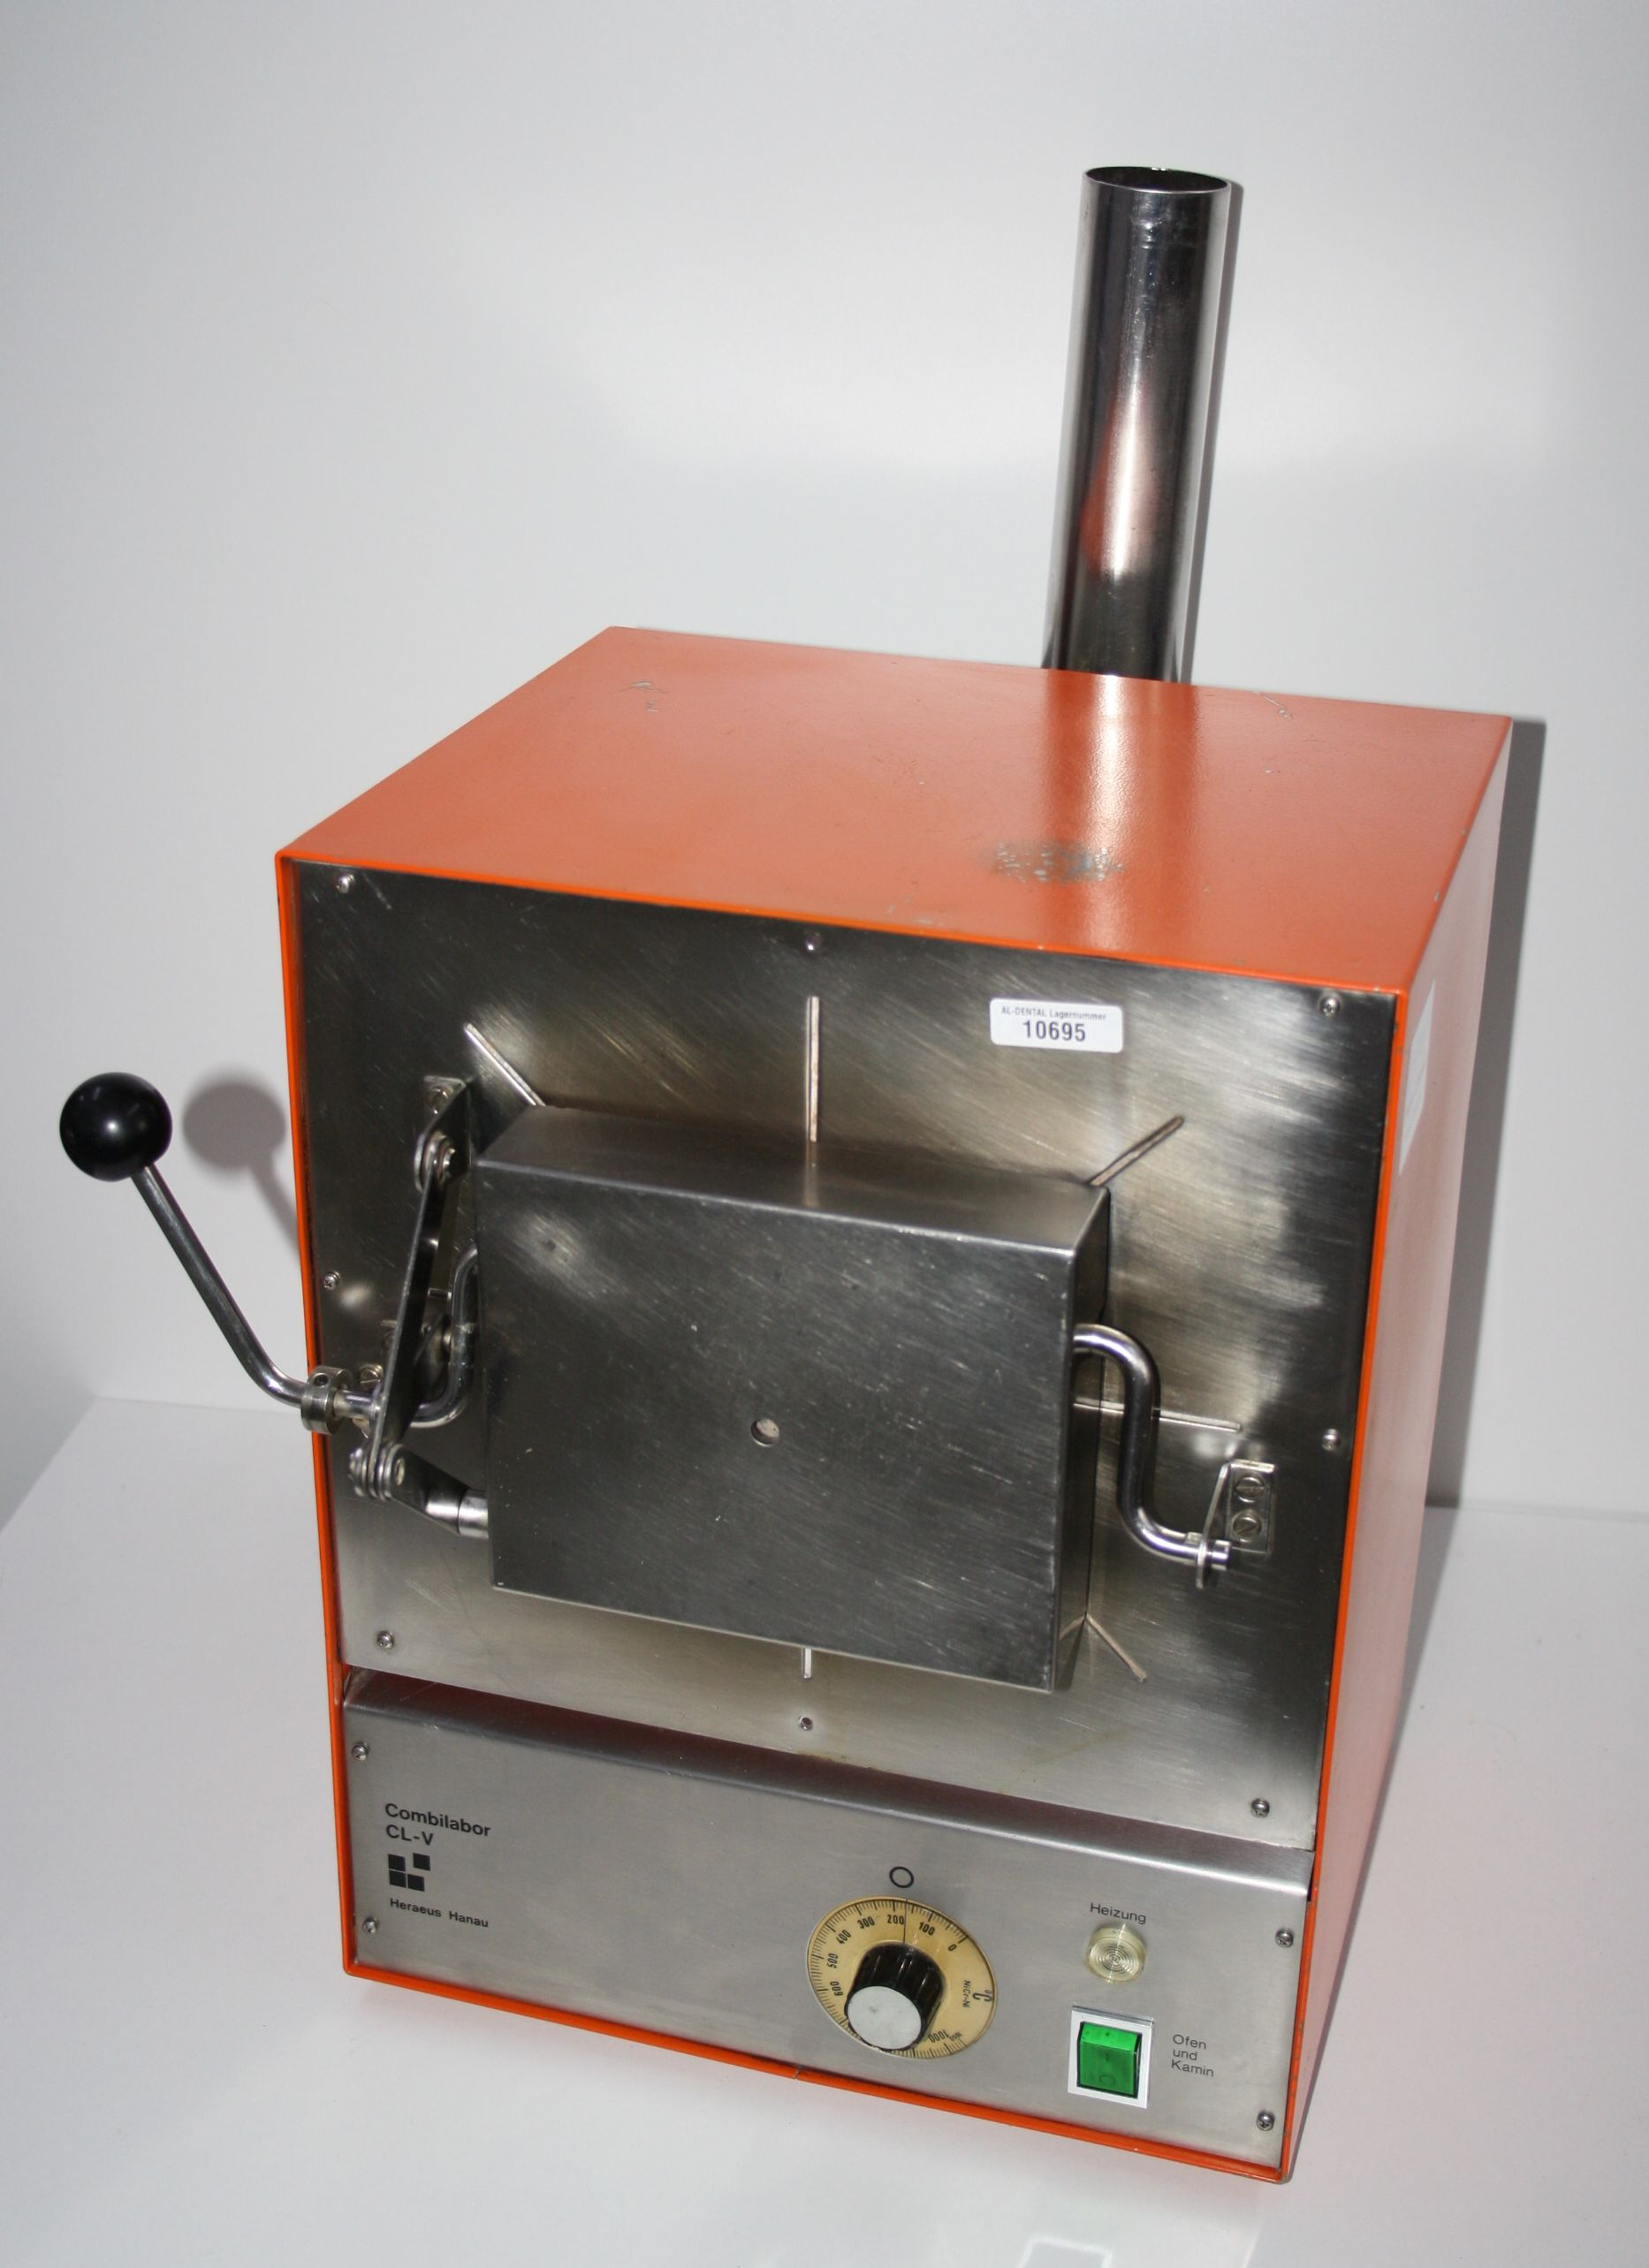 HERAEUS Vorwärmofen Combilabor Typ CL-V # 10695